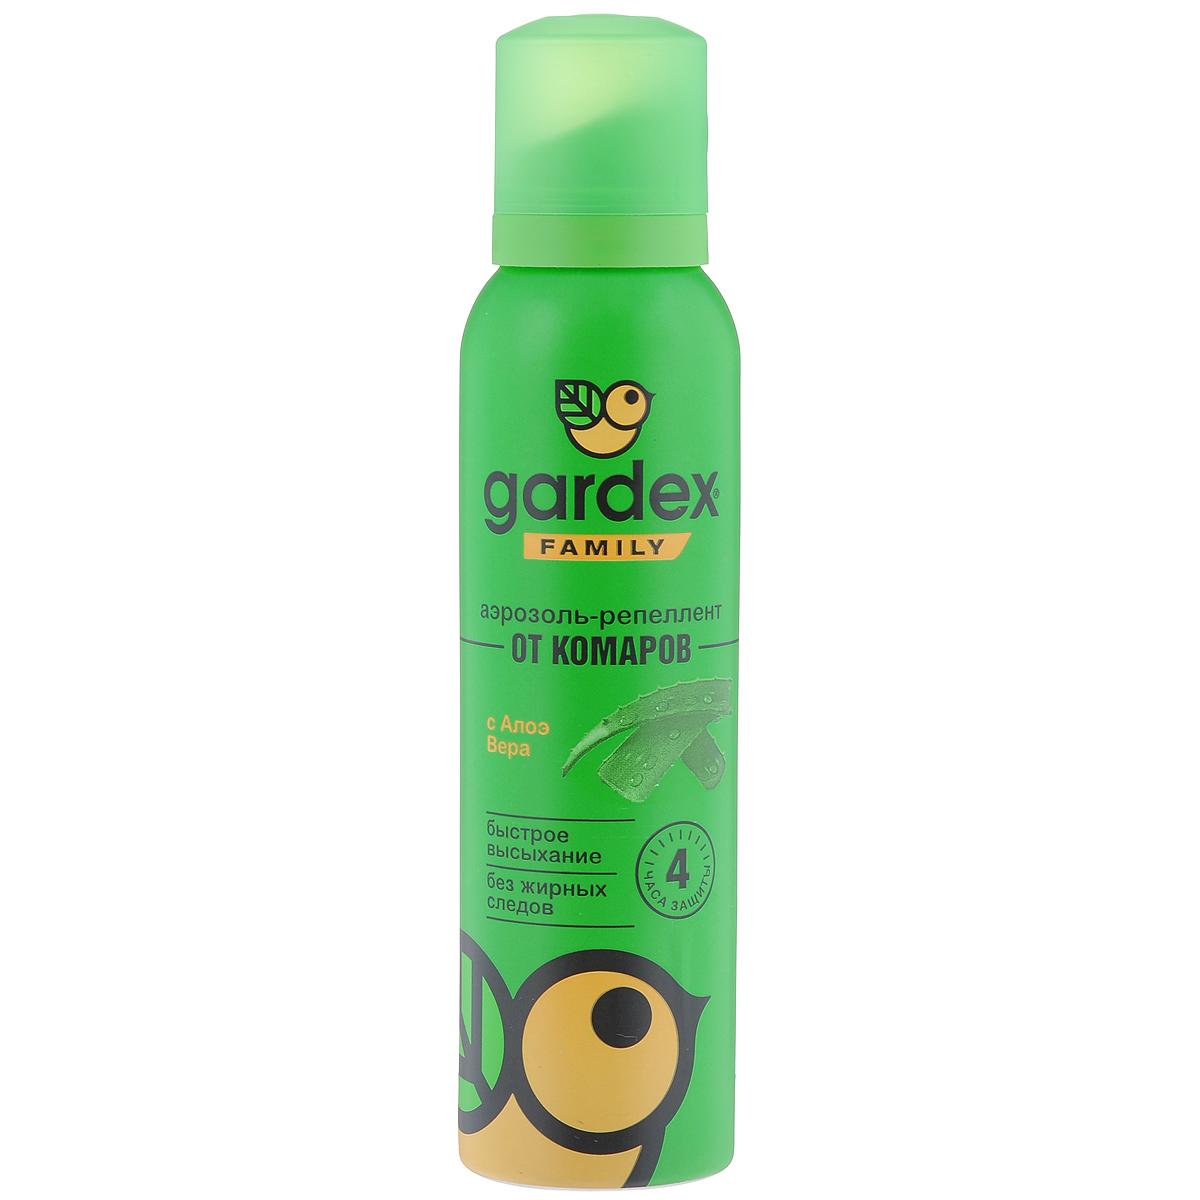 Аэрозоль-репеллент от комаров Gardex Family, с алое вера, 150мл106-026Аэрозоль-репеллент Gardex Family является надежным защитником от летающих кровососущих насекомых - комаров, мокрецов, москитов, мошек, слепней и блох. Благодаря уникальному водному раствору, не оставляет жирных следов на коже и одежде, обладает приятным запахом. Экстракт алоэ вера смягчает действие репеллента, защищая кожу и ухаживая за ней. Можно наносить на открытые участки кожи, на одежду и снаряжение только из натуральных тканей. Состав: N,N-диэтилтолуамид 18%, экстракт алоэ вера, отдушка, спирт этиловый 25,4%, пропеллент (пропан, бутан, изобутан).Товар сертифицирован.